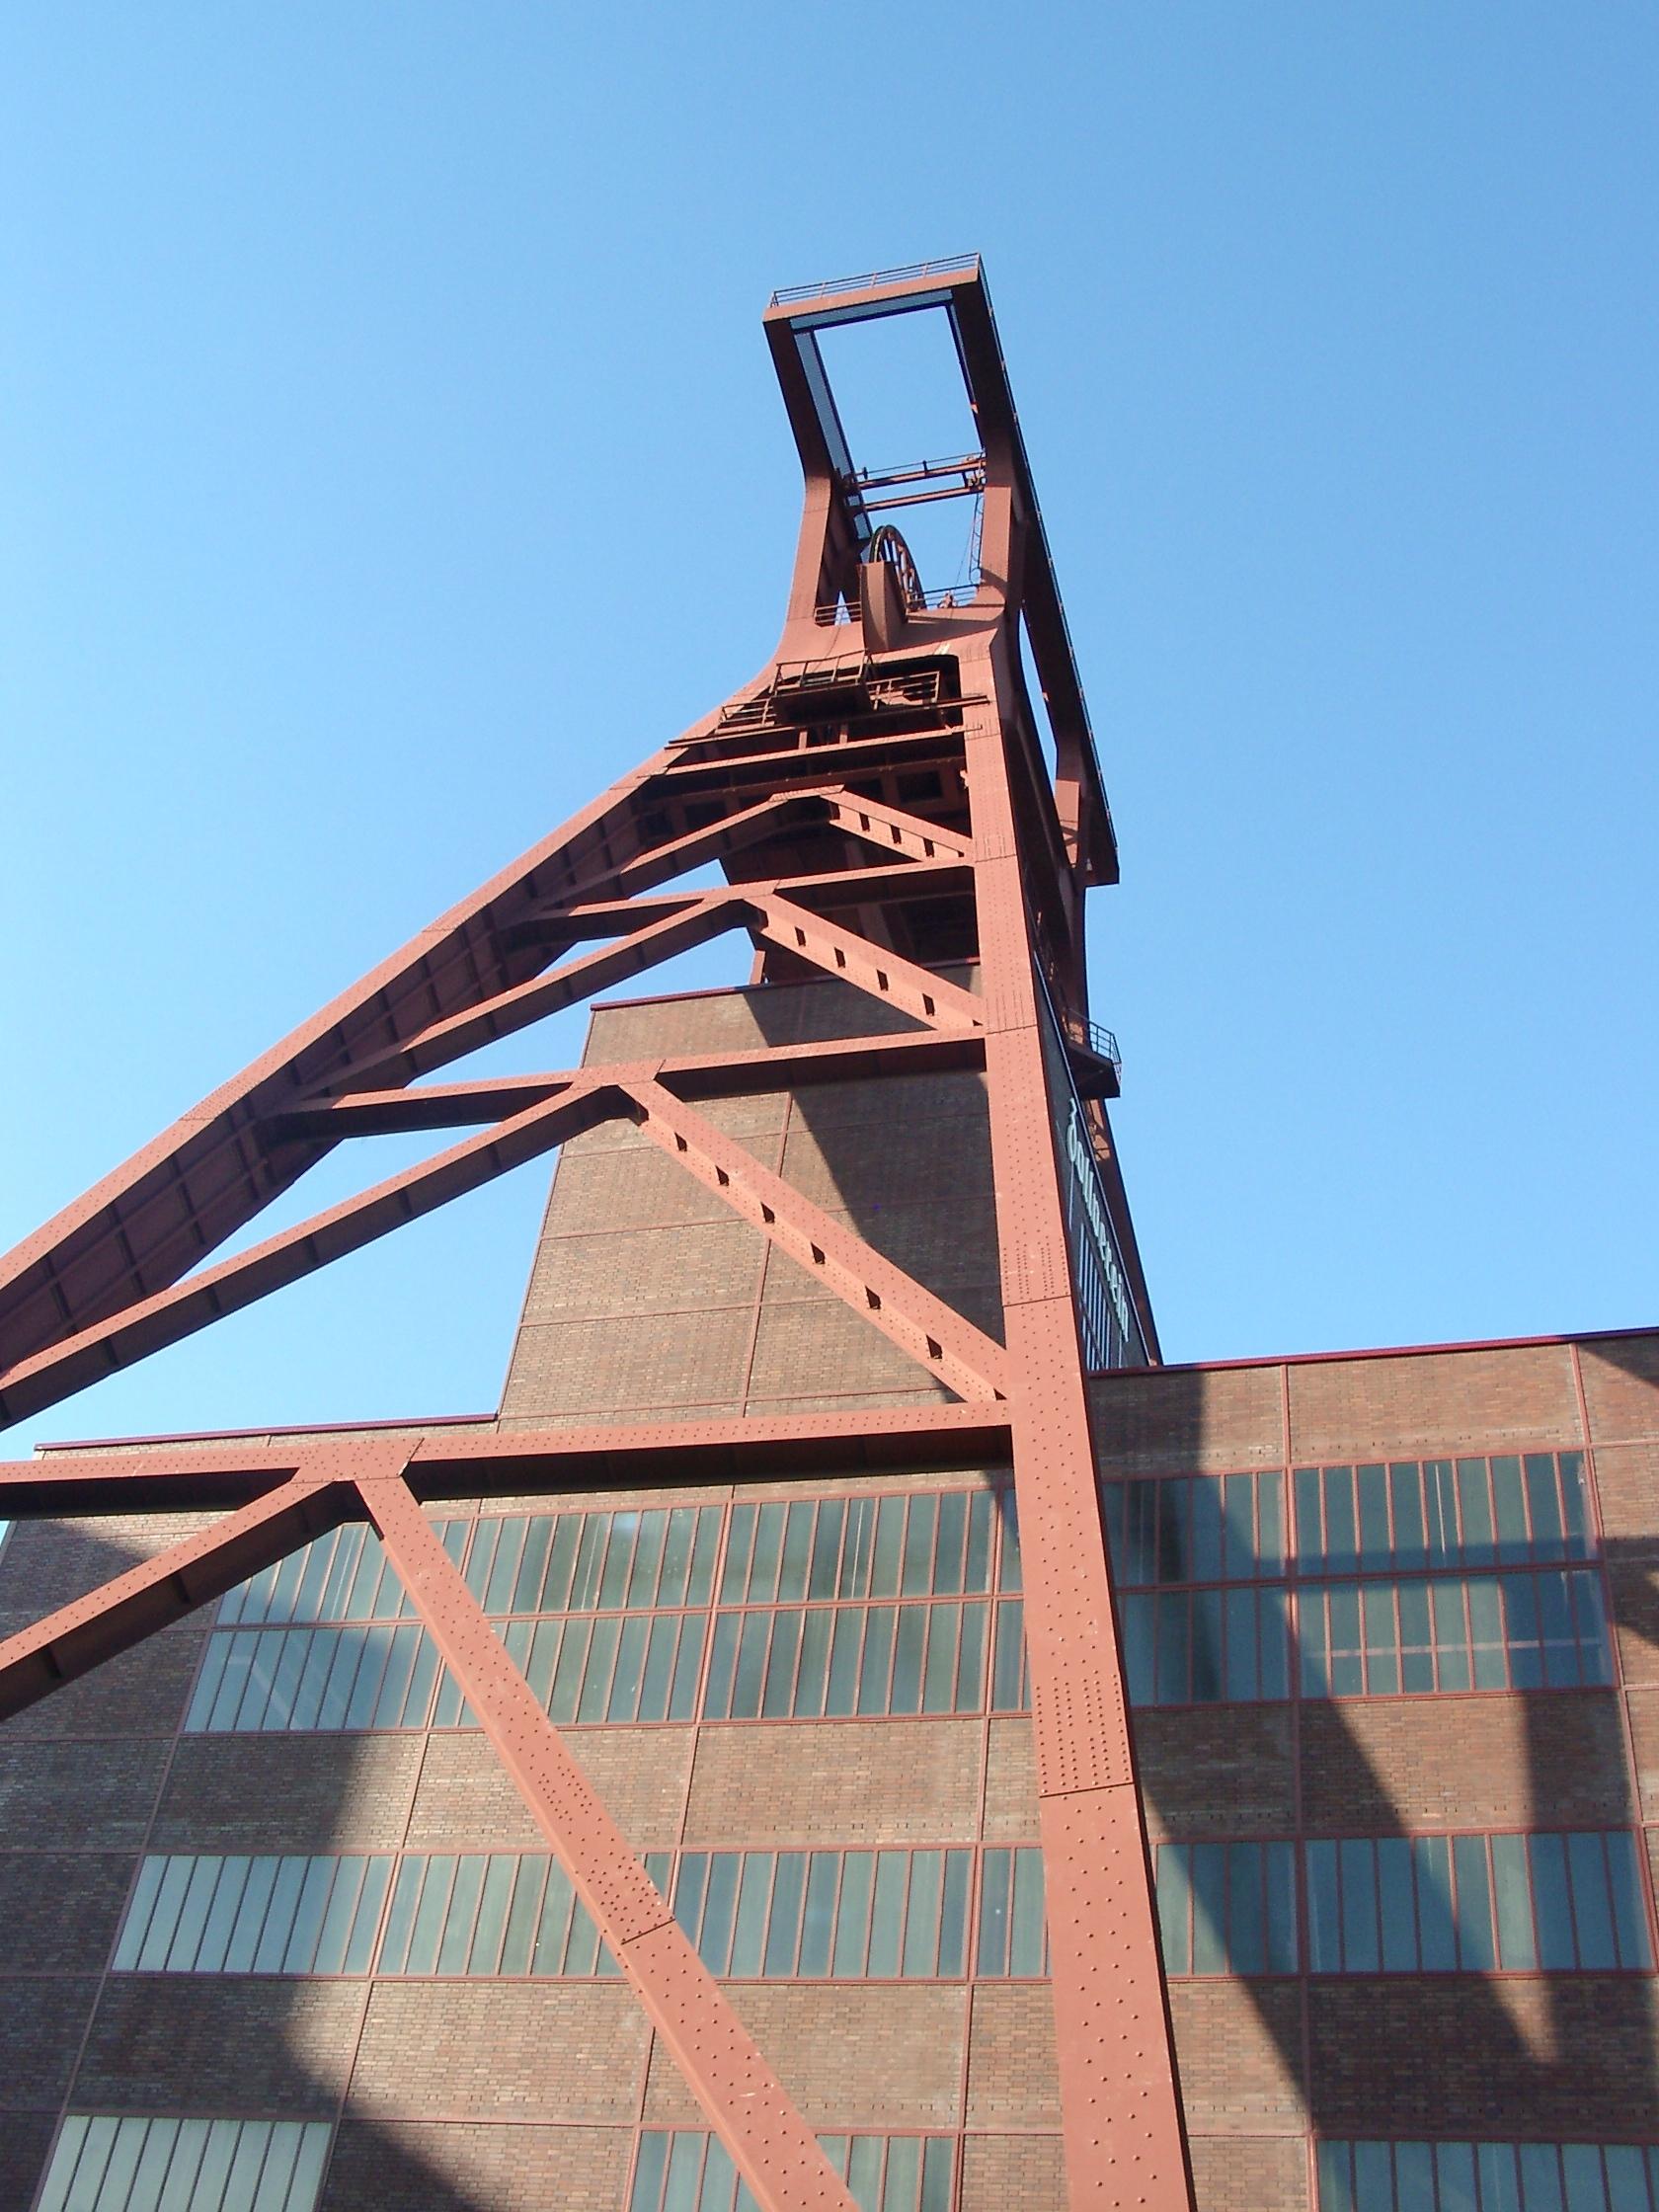 Essen Zeche Zollverein